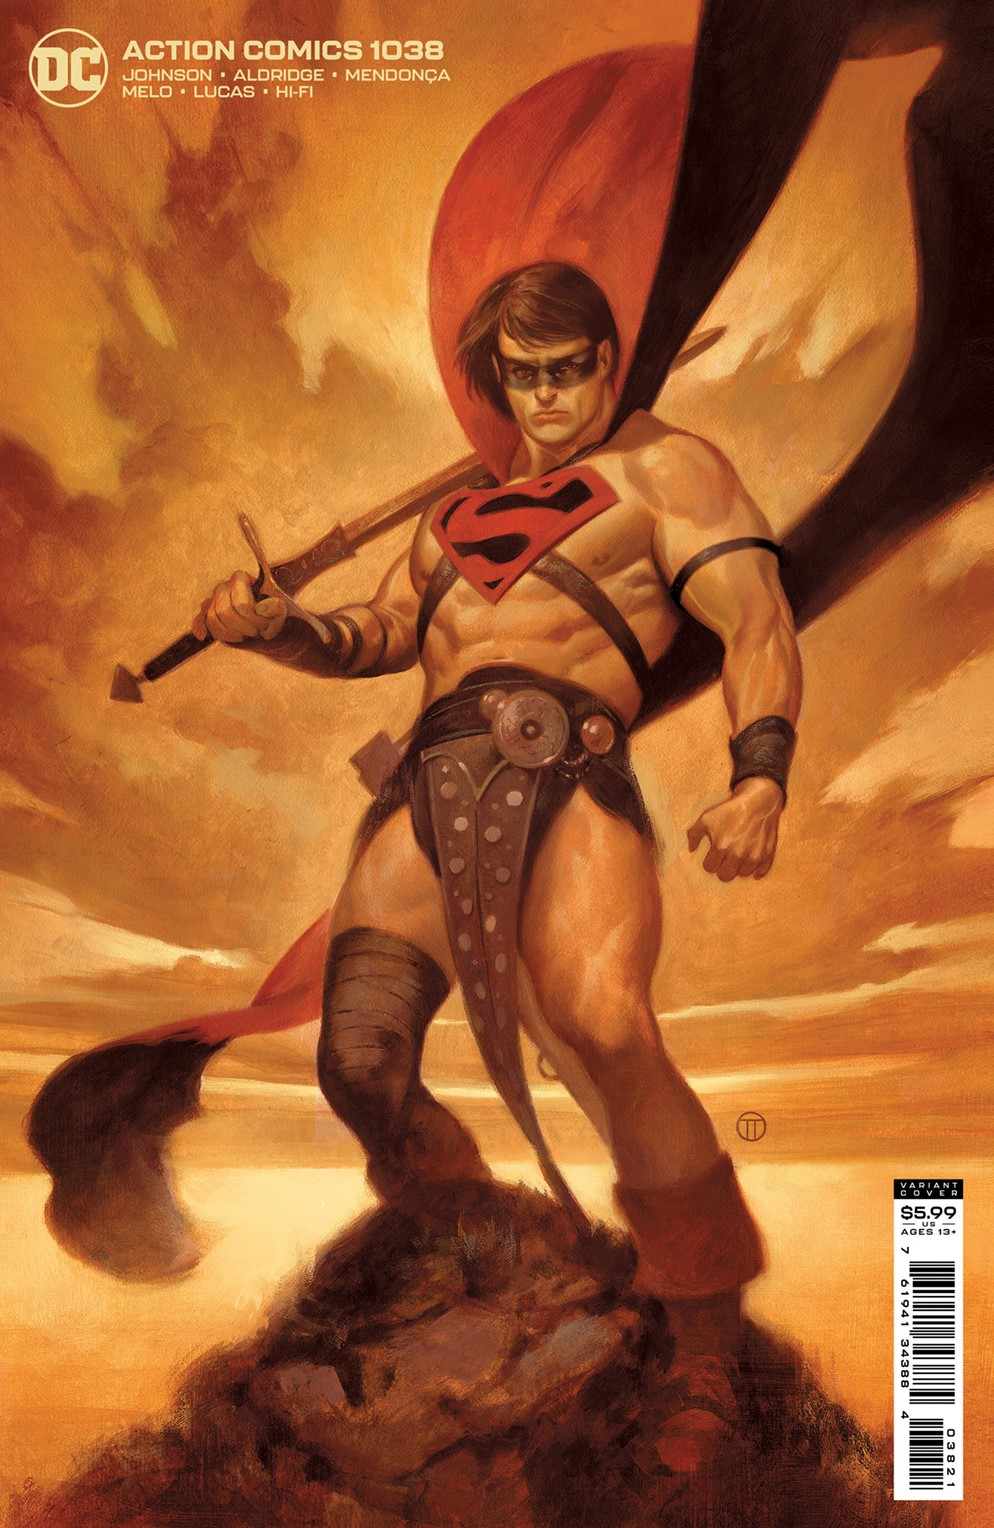 ACTIONCOMICS_Cv1038_var DC Comics December 2021 Solicitations